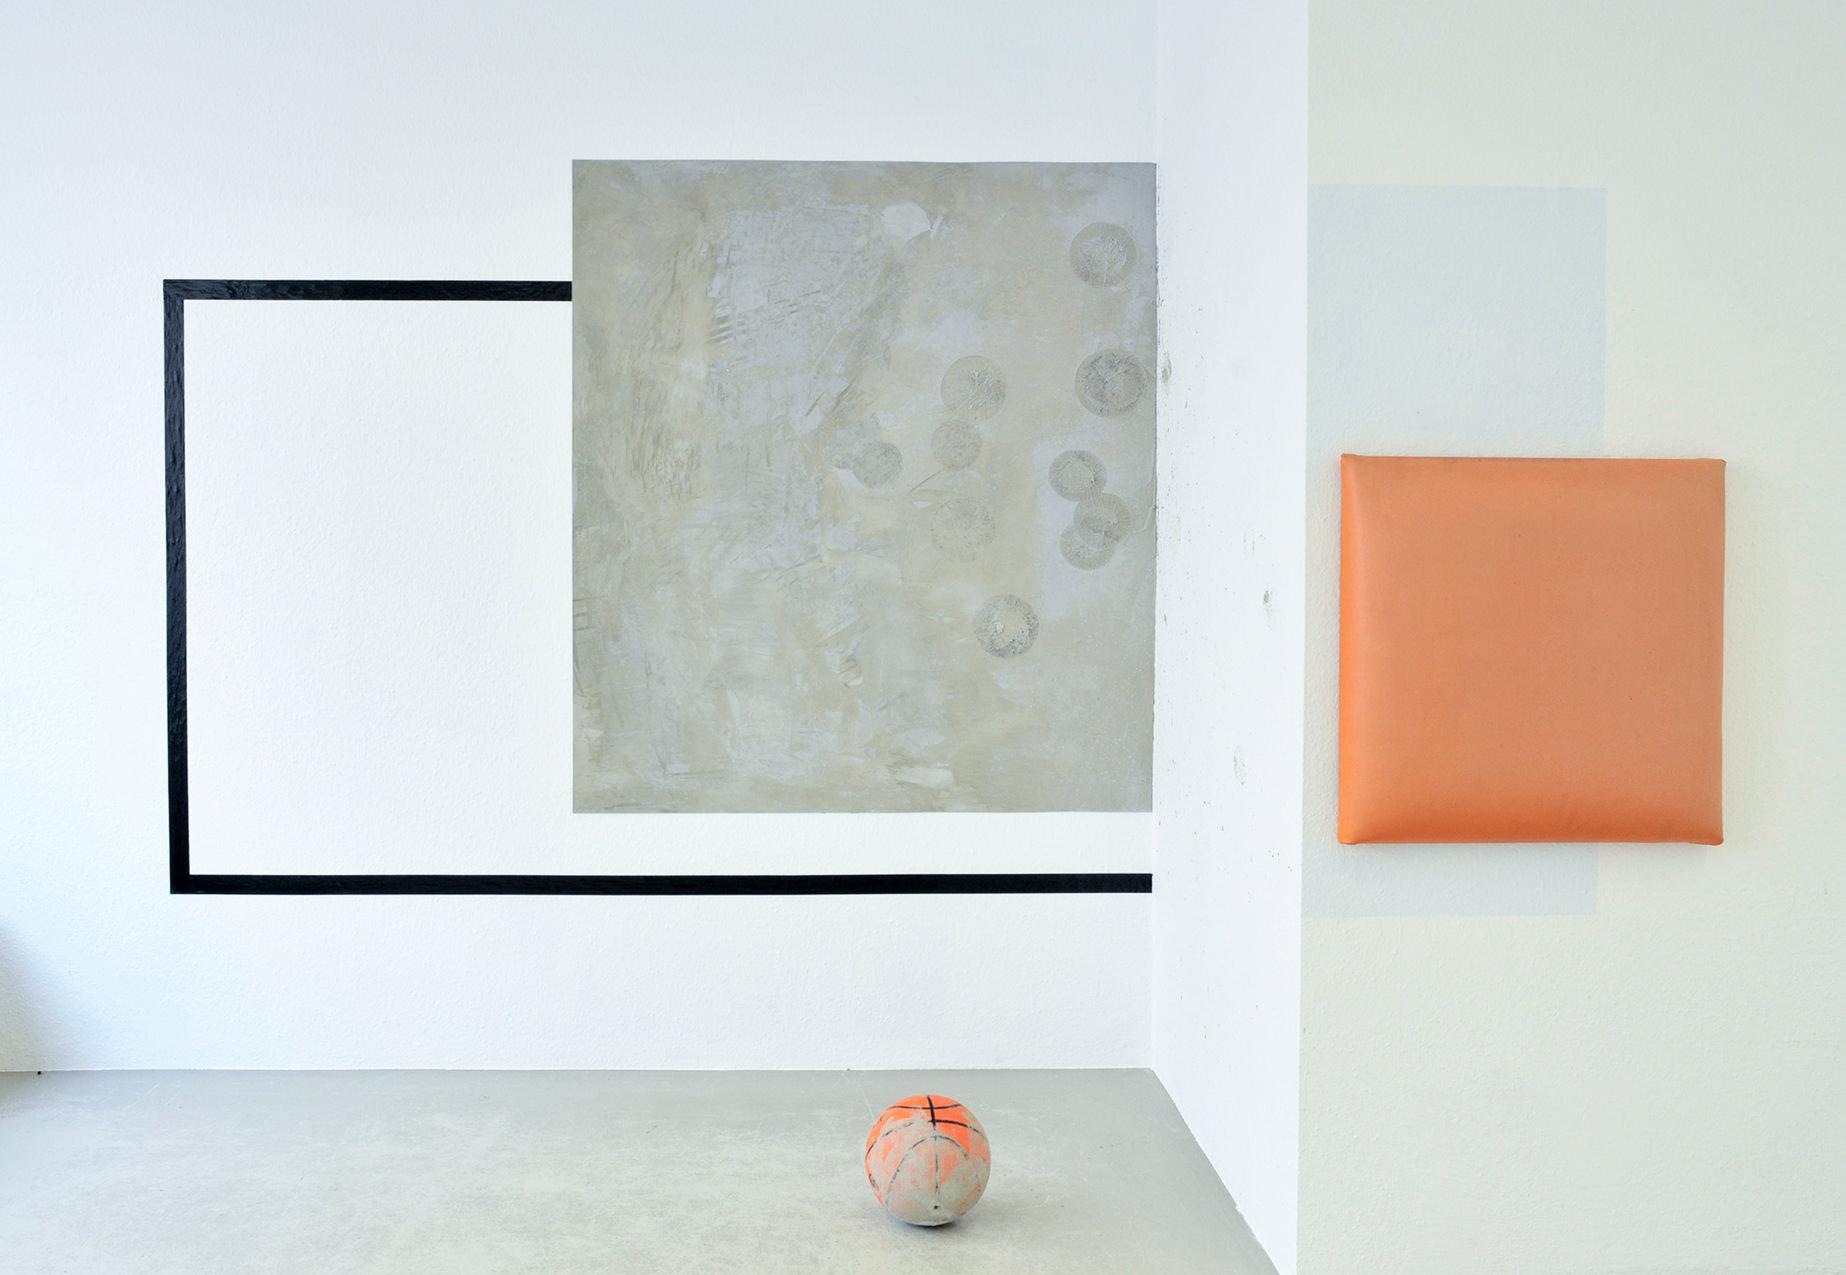 Ausstellungsansicht: geometrische Wandmalerei und monochrome Bilder